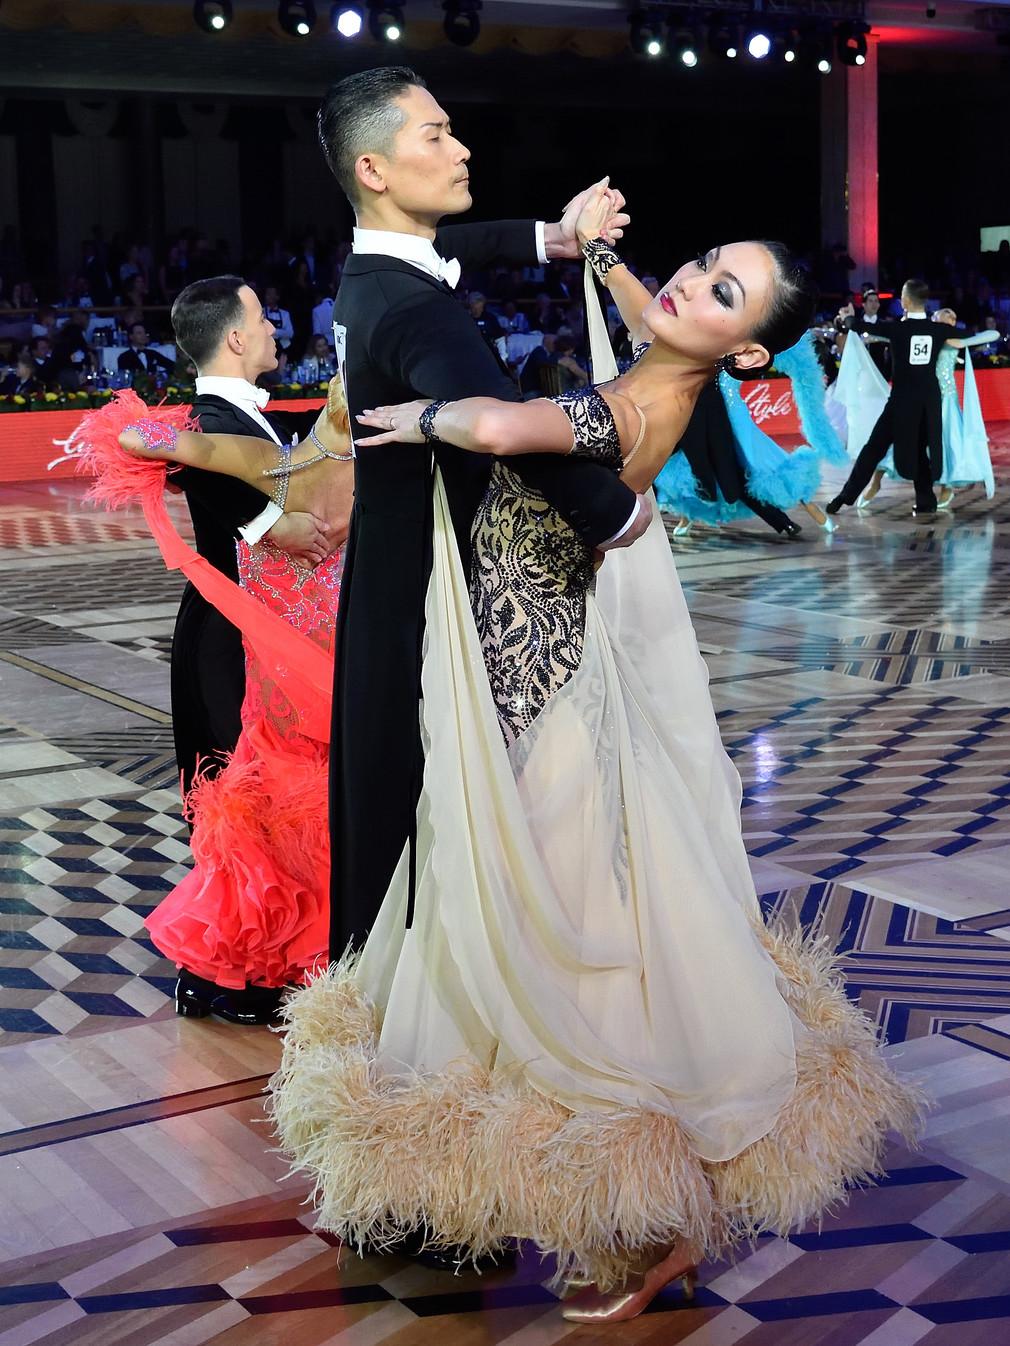 Японцам понравилось танцевать под русскую музыку